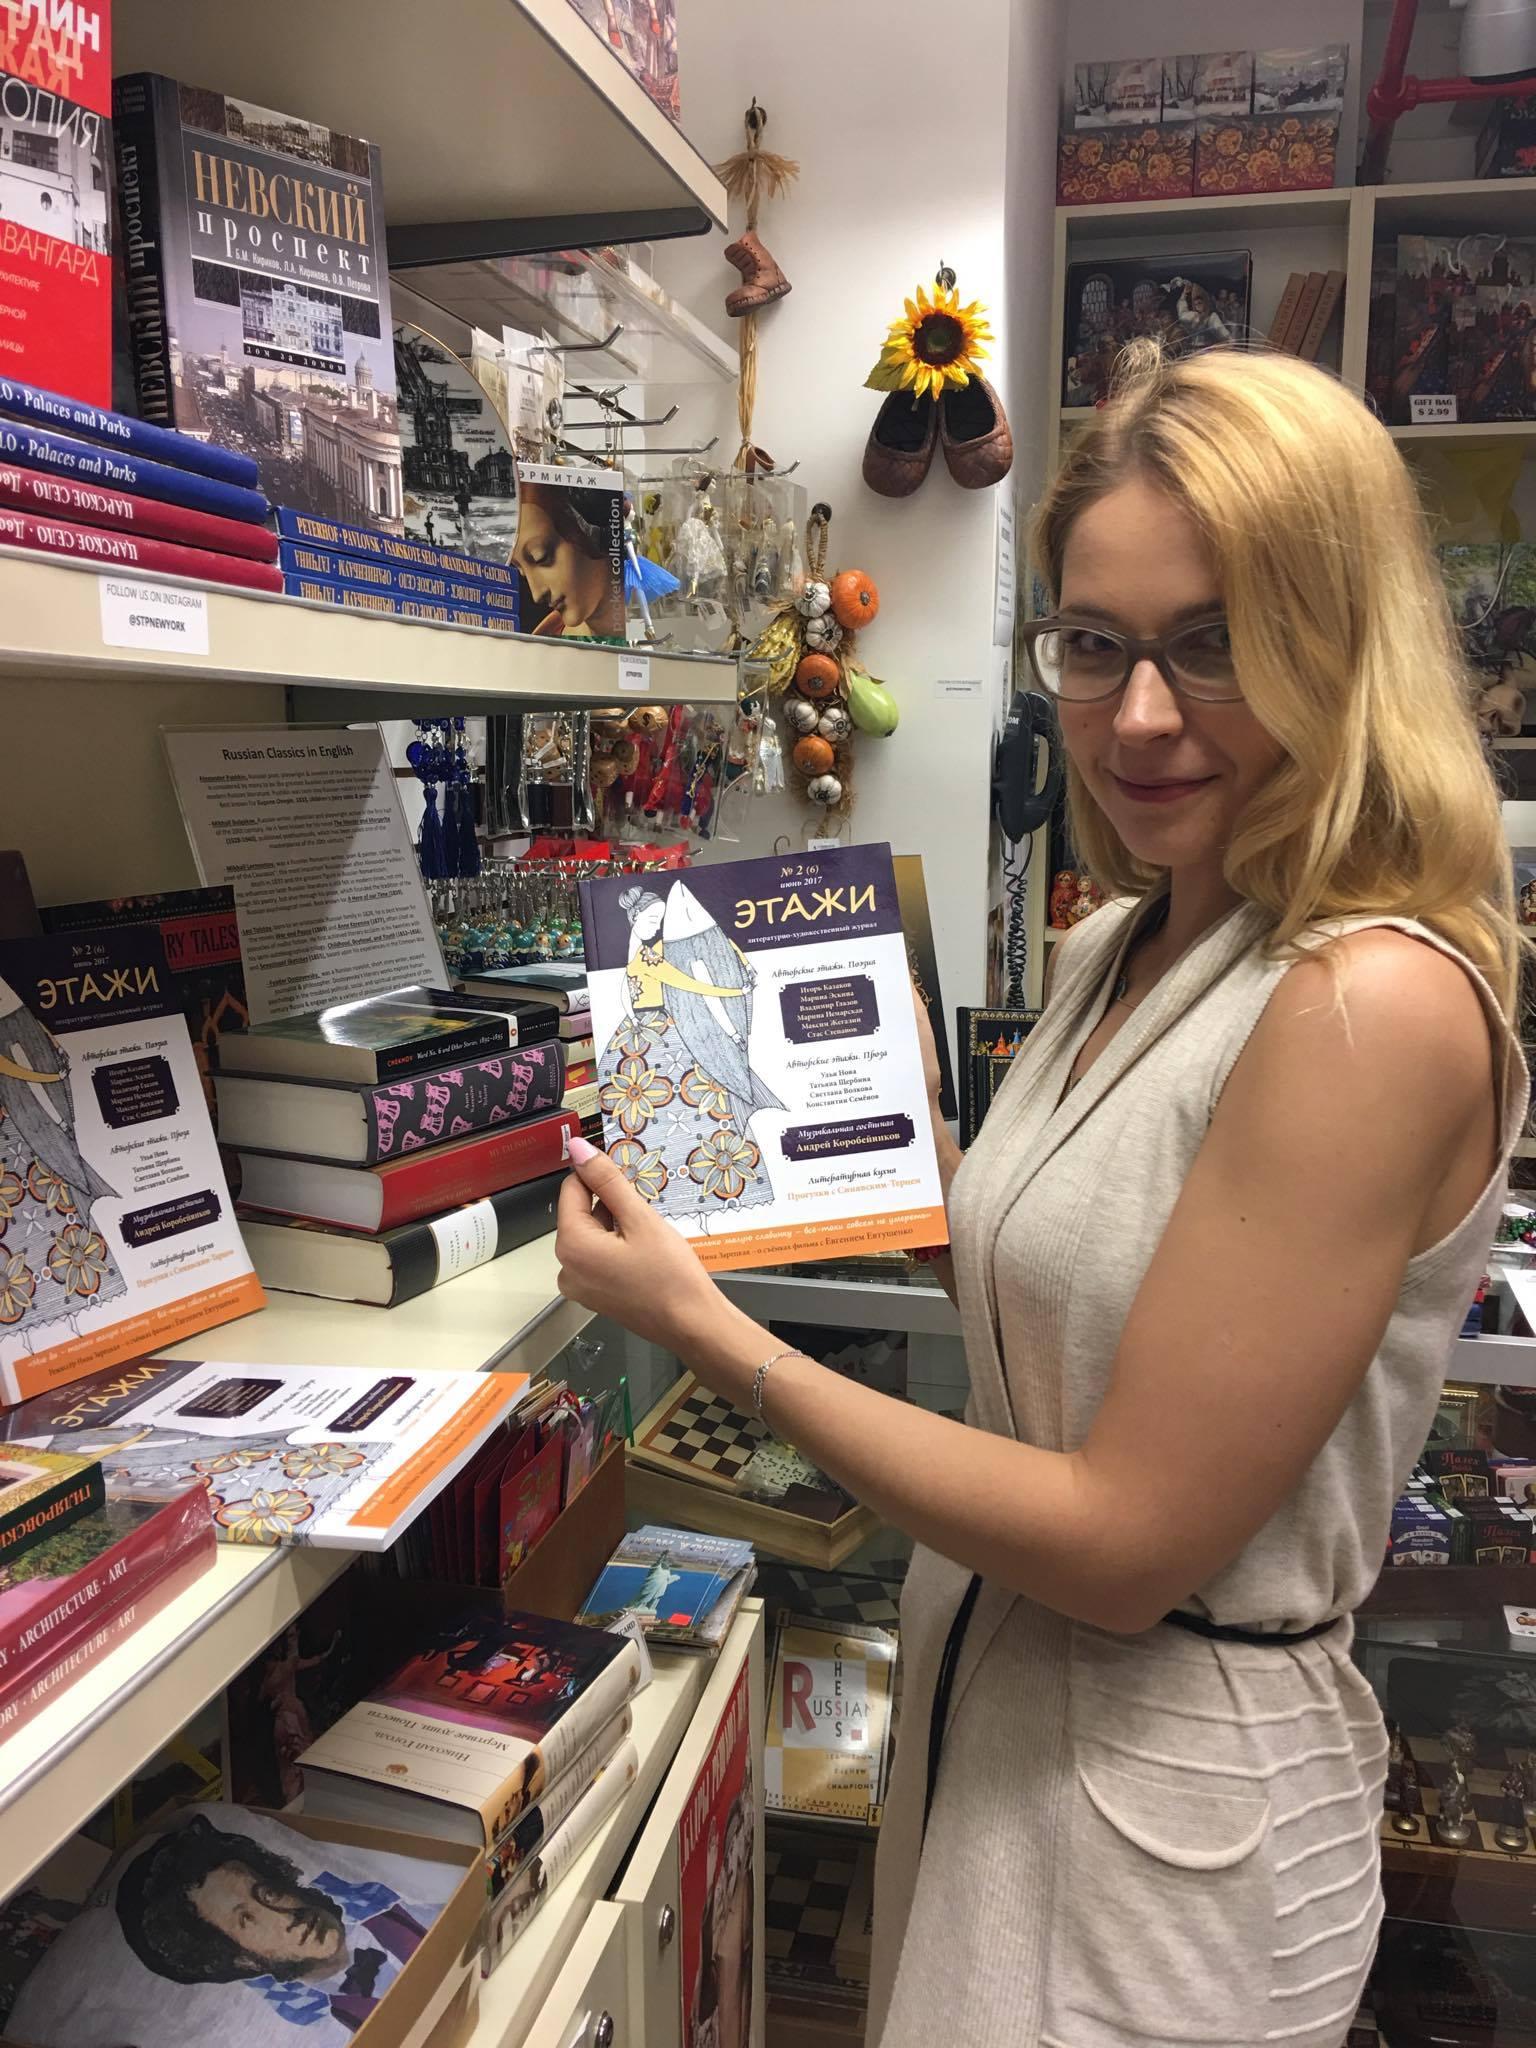 Елизавета Орлова с журналами ЭТАЖИ в магазине Дом книги Санкт-Петербург, Нью-Йорк